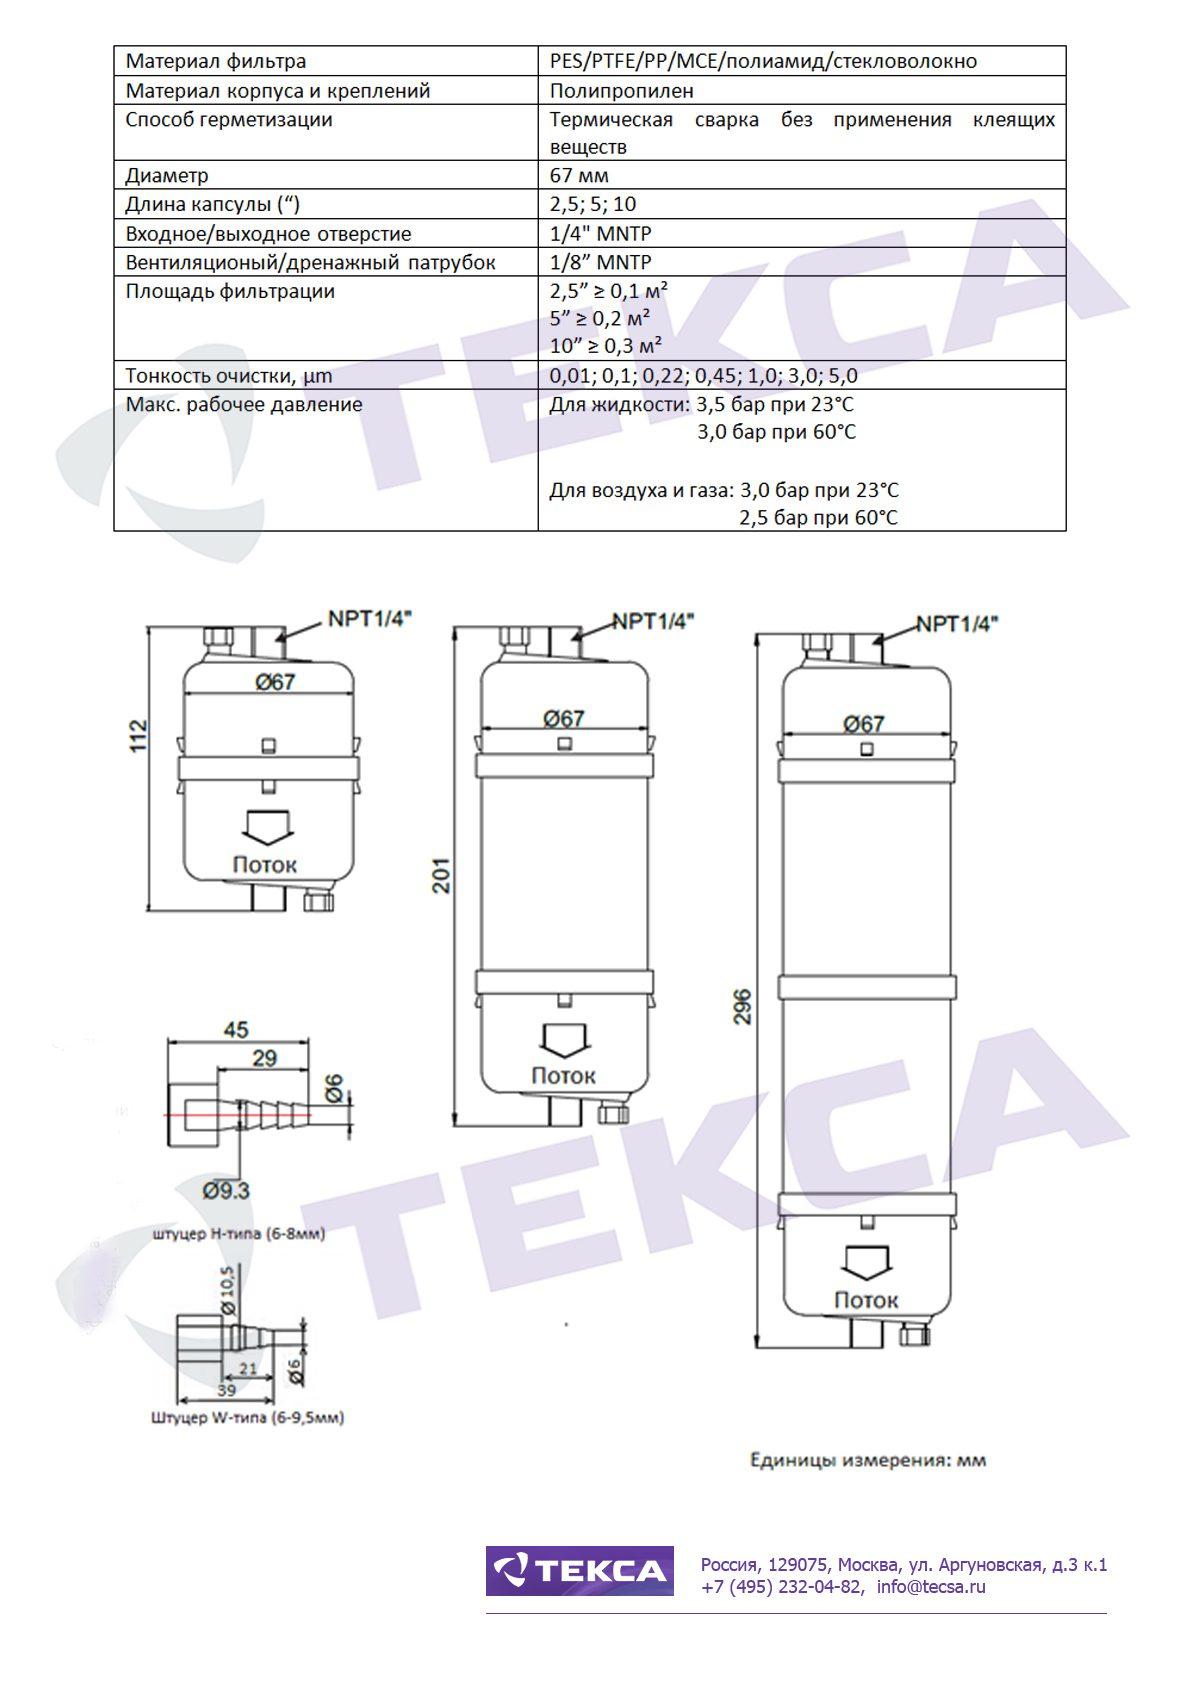 Технические характеристики капсульных фильтров серии CNF